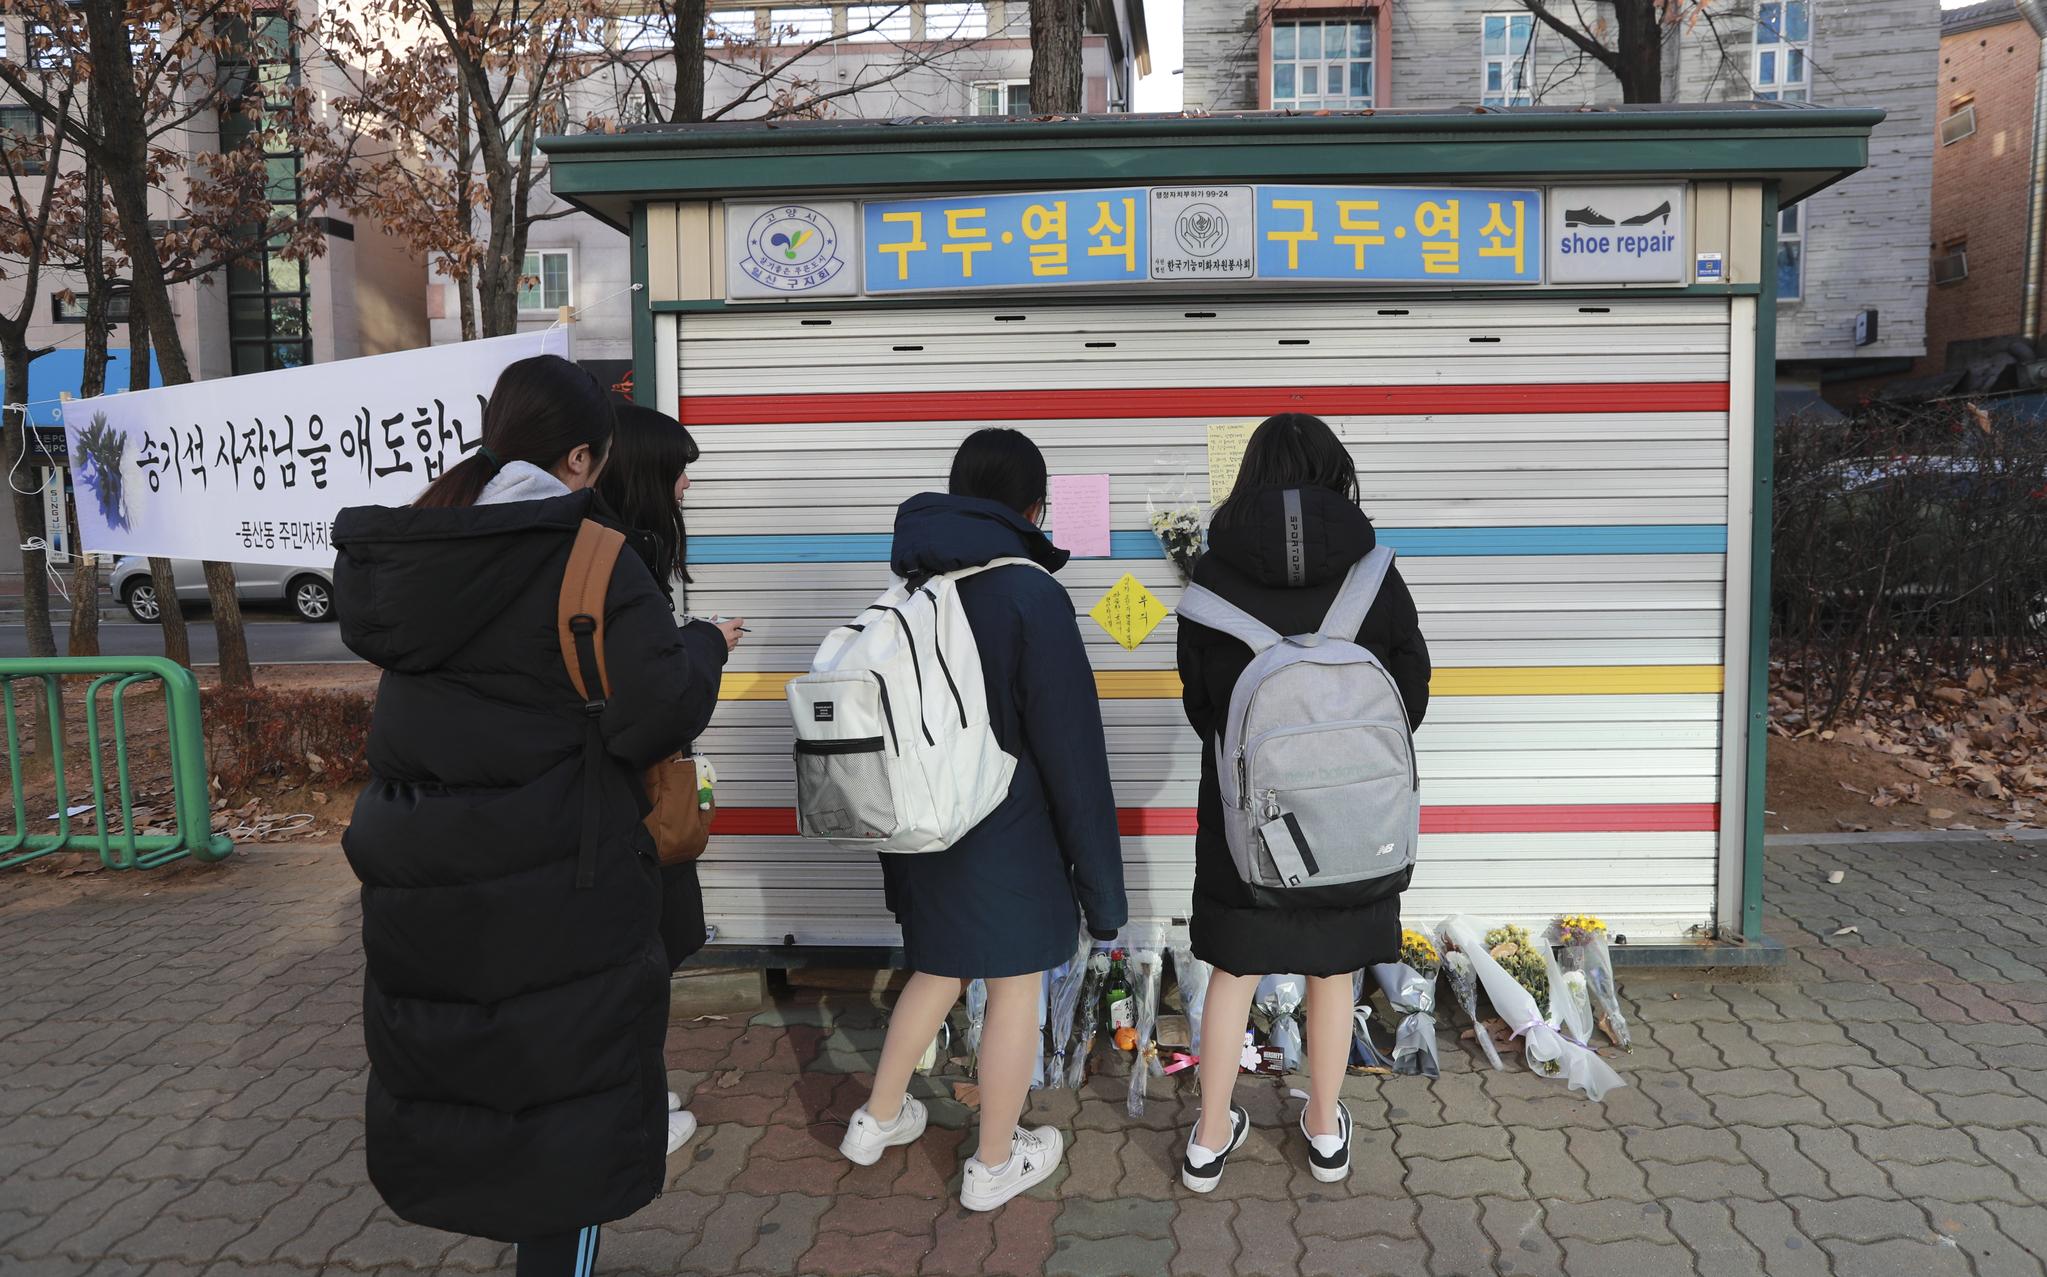 백석역 온수관 파열 사고 희생자 송모(69) 씨가 운영하던 구두수선소 앞에서 학생들이 애도의 글을 붙이고 있다. 임현동 기자